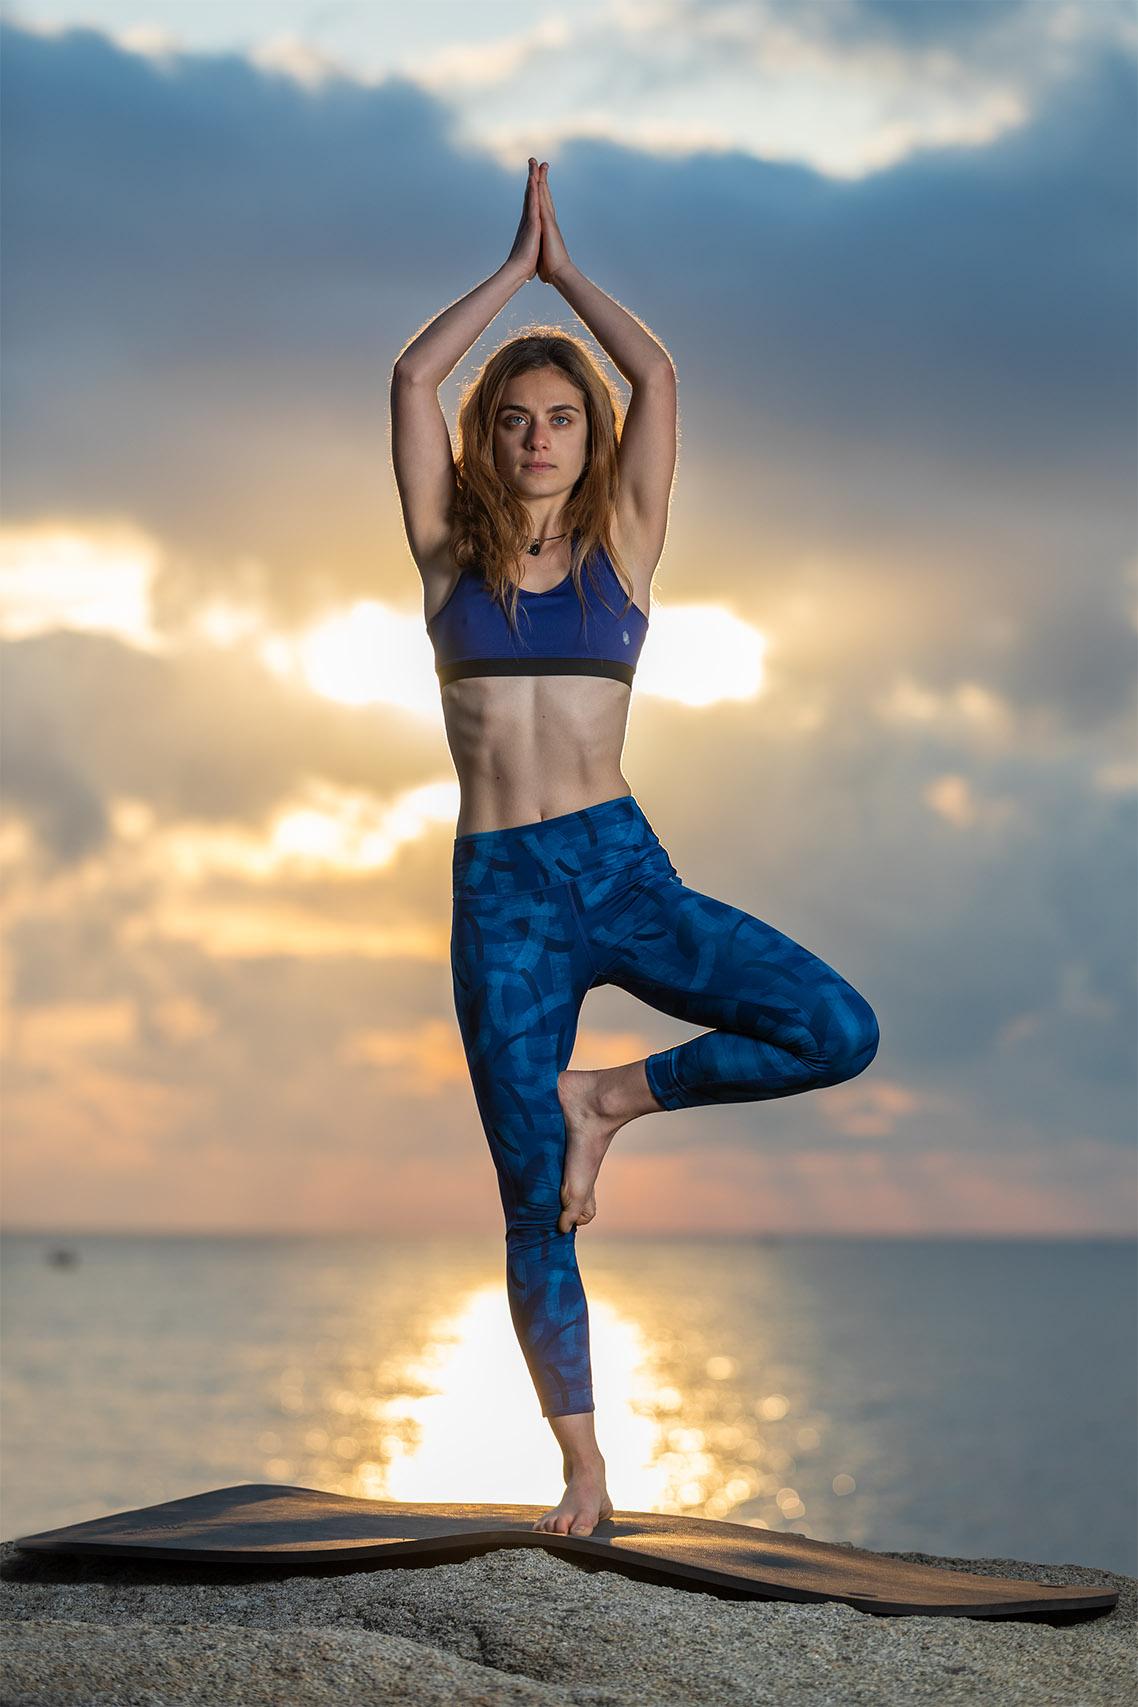 Sesión fotográfica de yoga en exteriores con flash de estudio